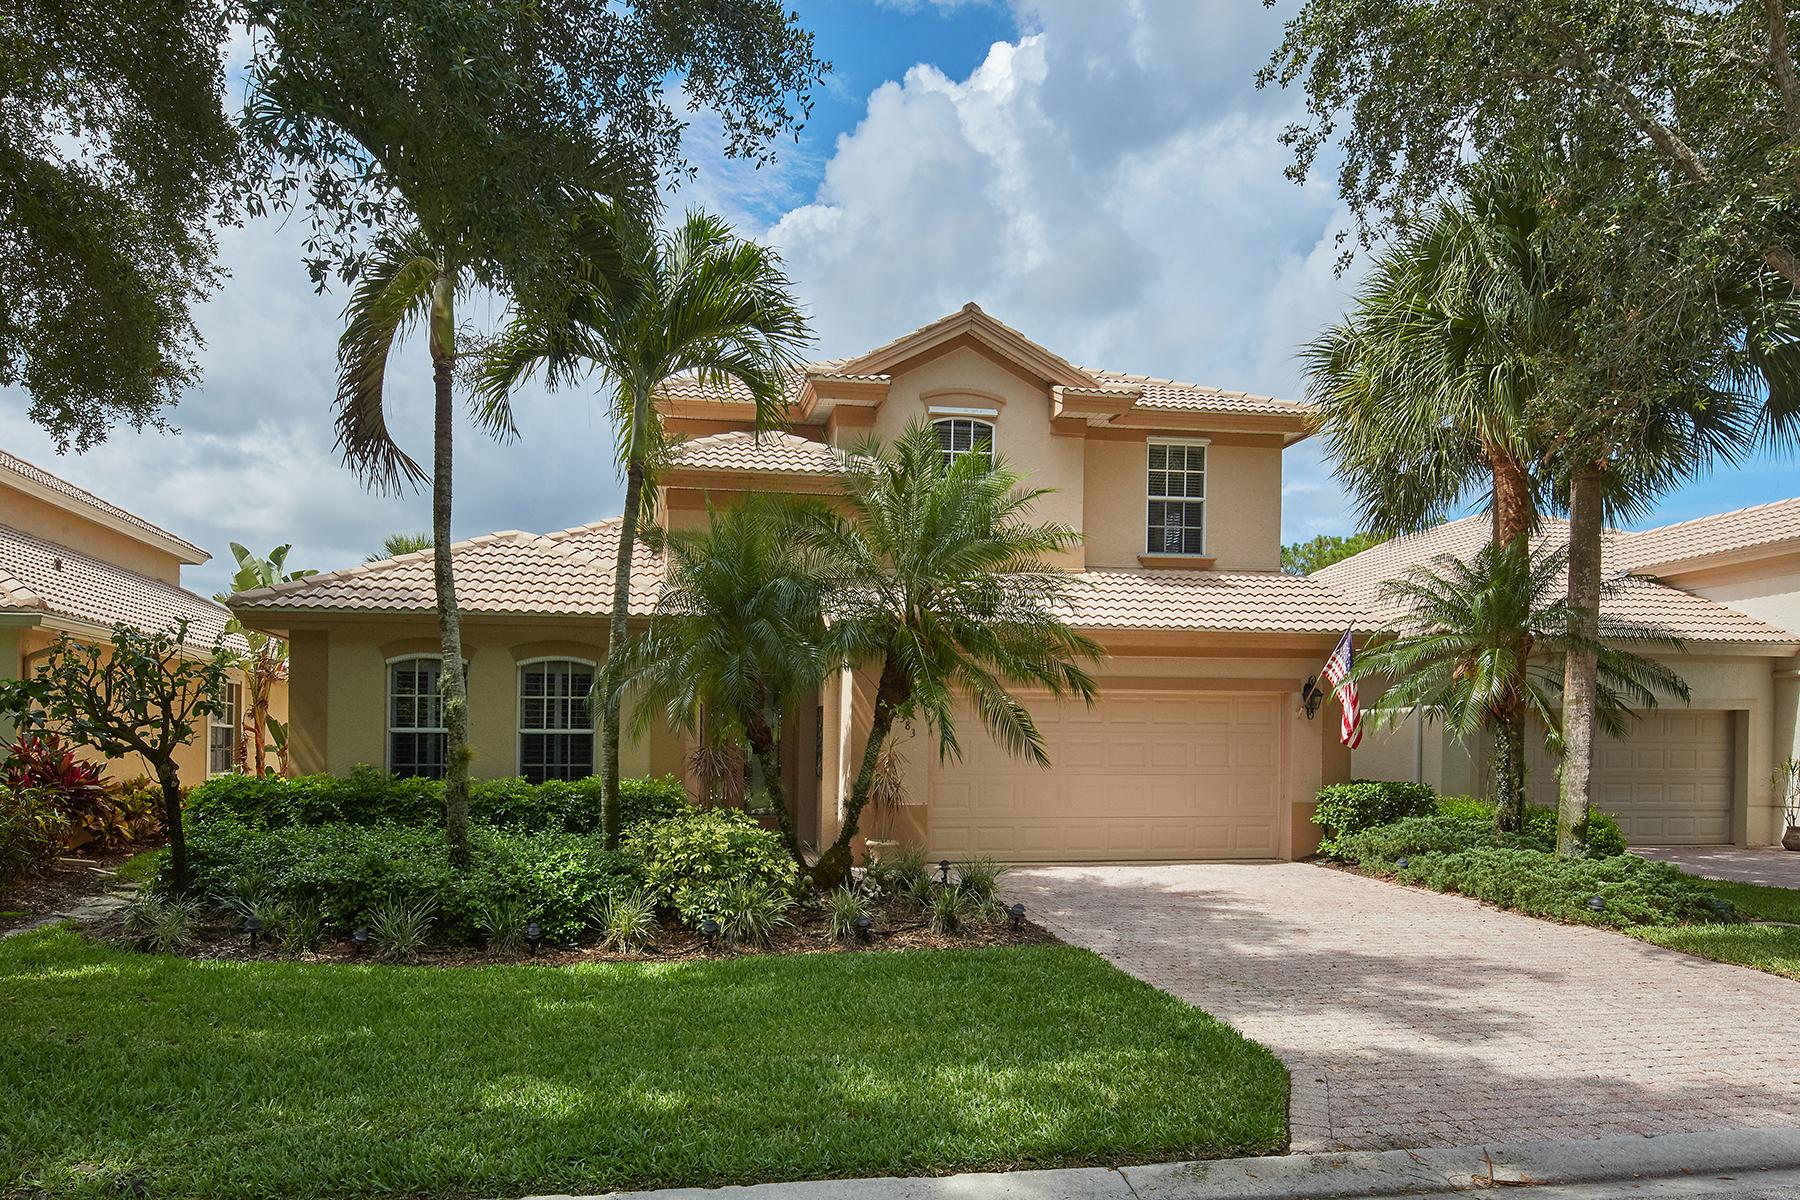 Single Family Homes für Verkauf beim SHADOW WOOD AT THE BROOKS - OAK STRAND 9383 Oak Strand Drive, Estero, Florida 34135 Vereinigte Staaten